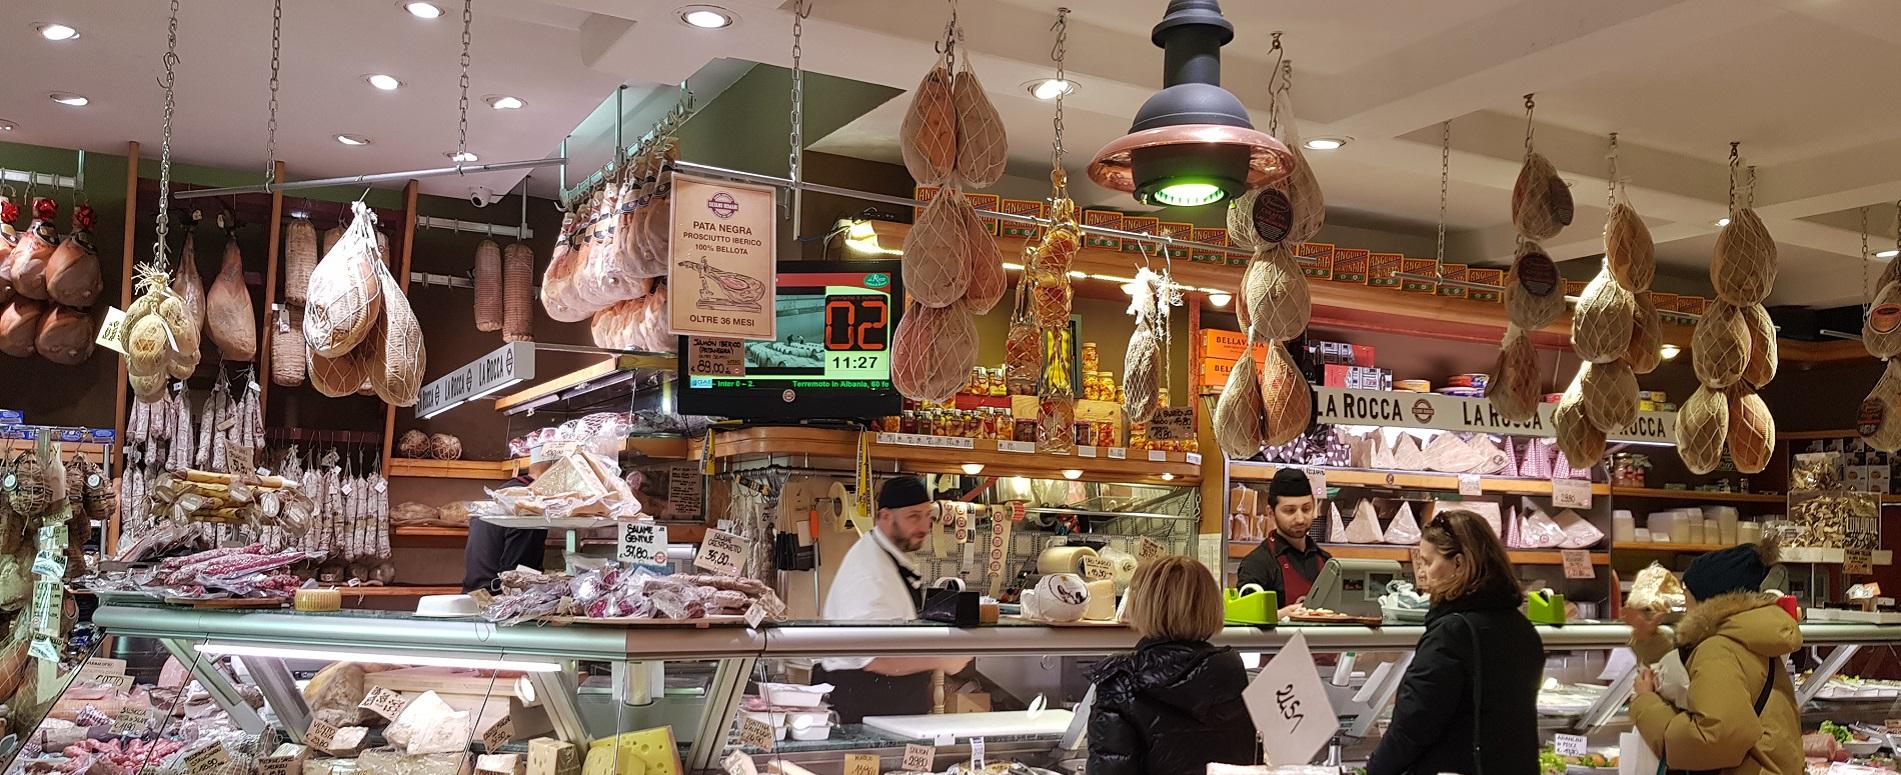 La Rocca Parma